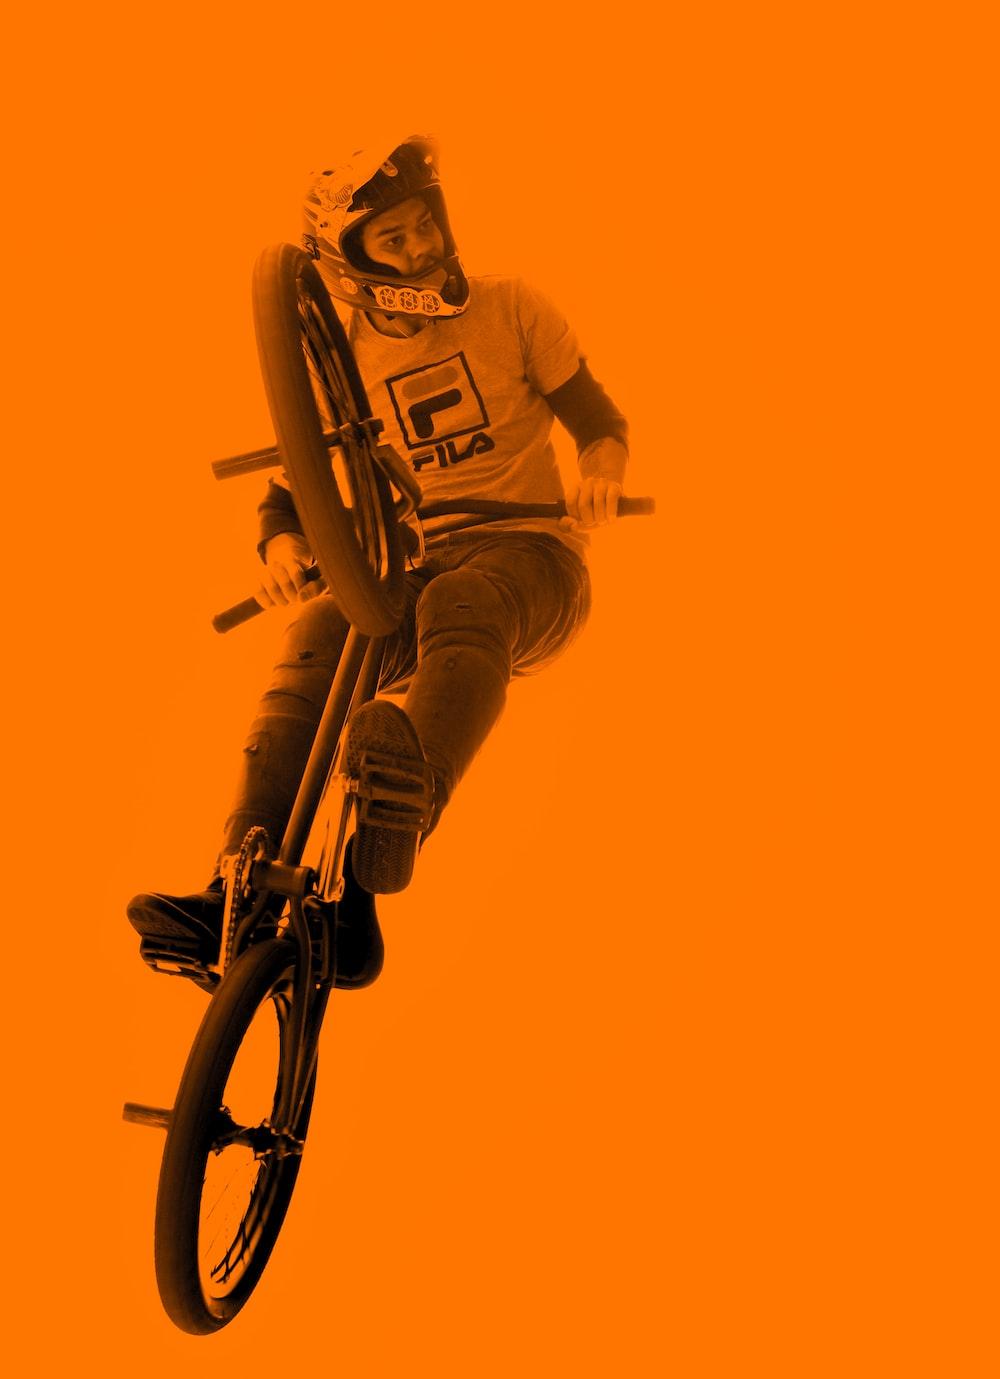 man riding BMX bicycle while doing tricks